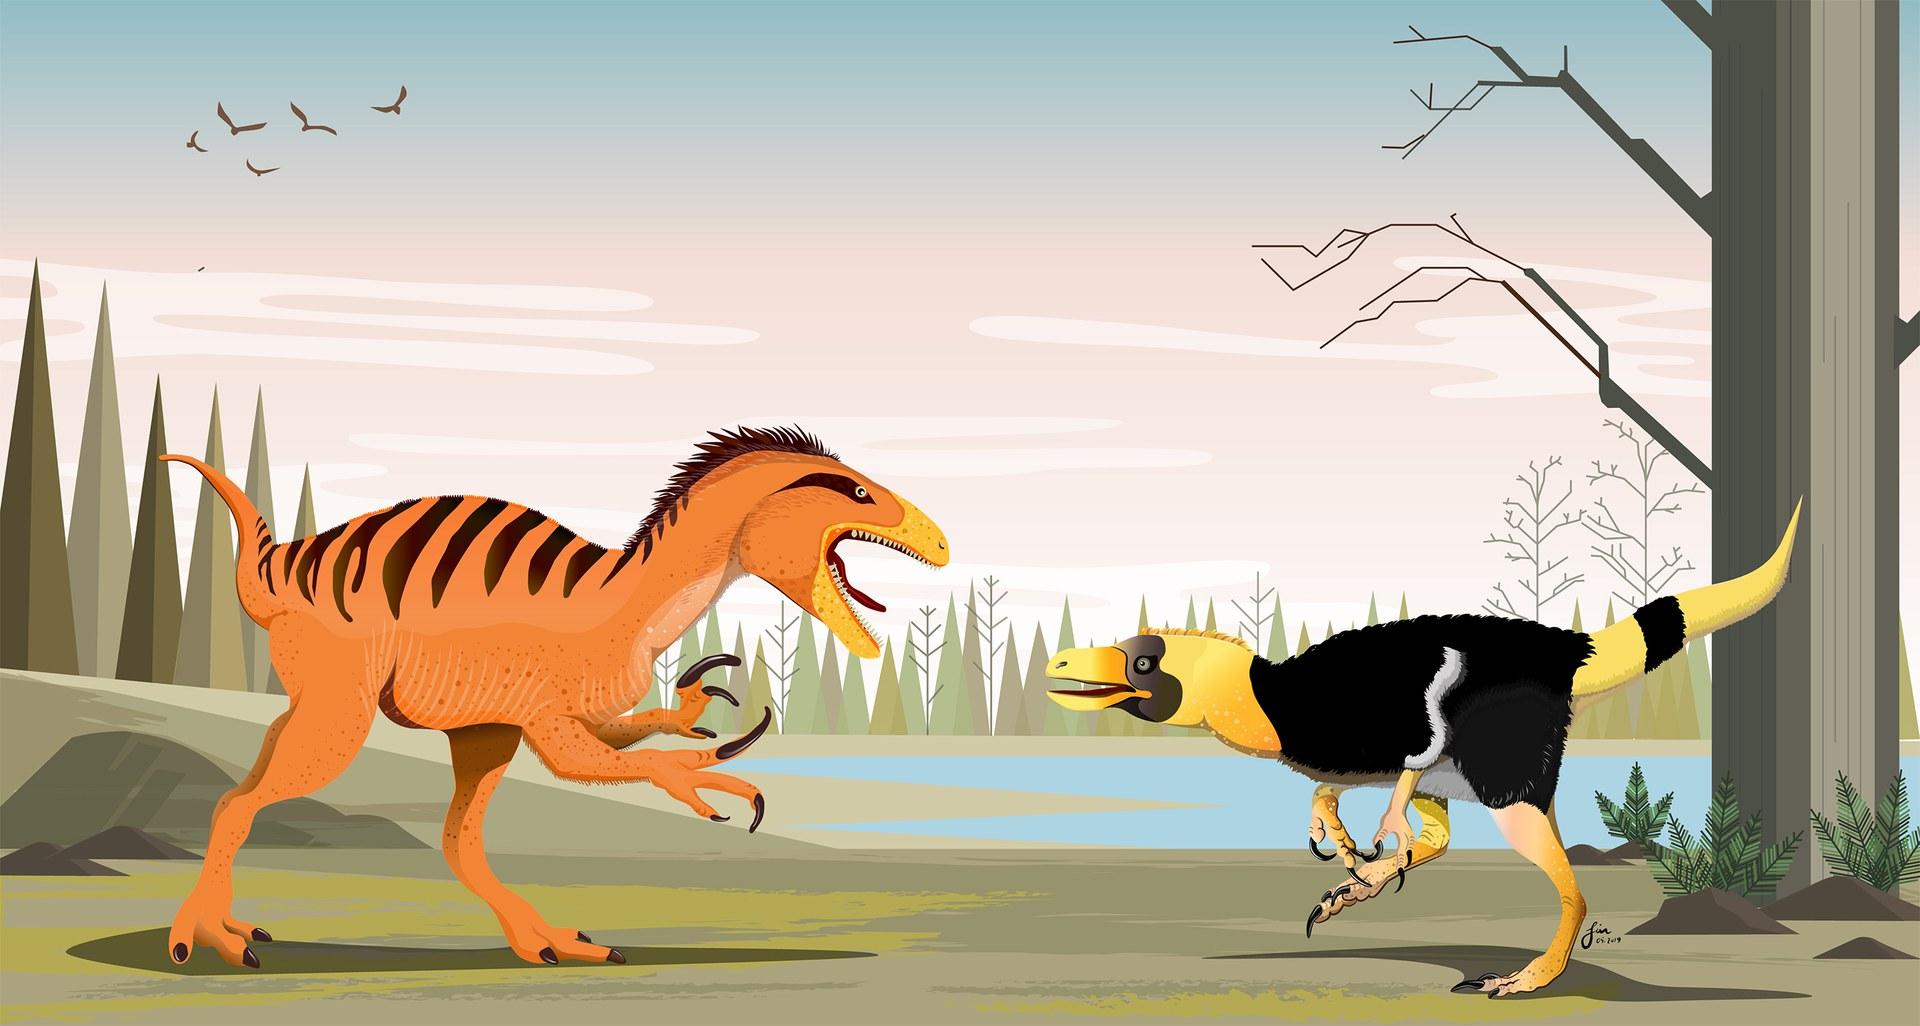 Phuwiangvenator and Vayuraptor